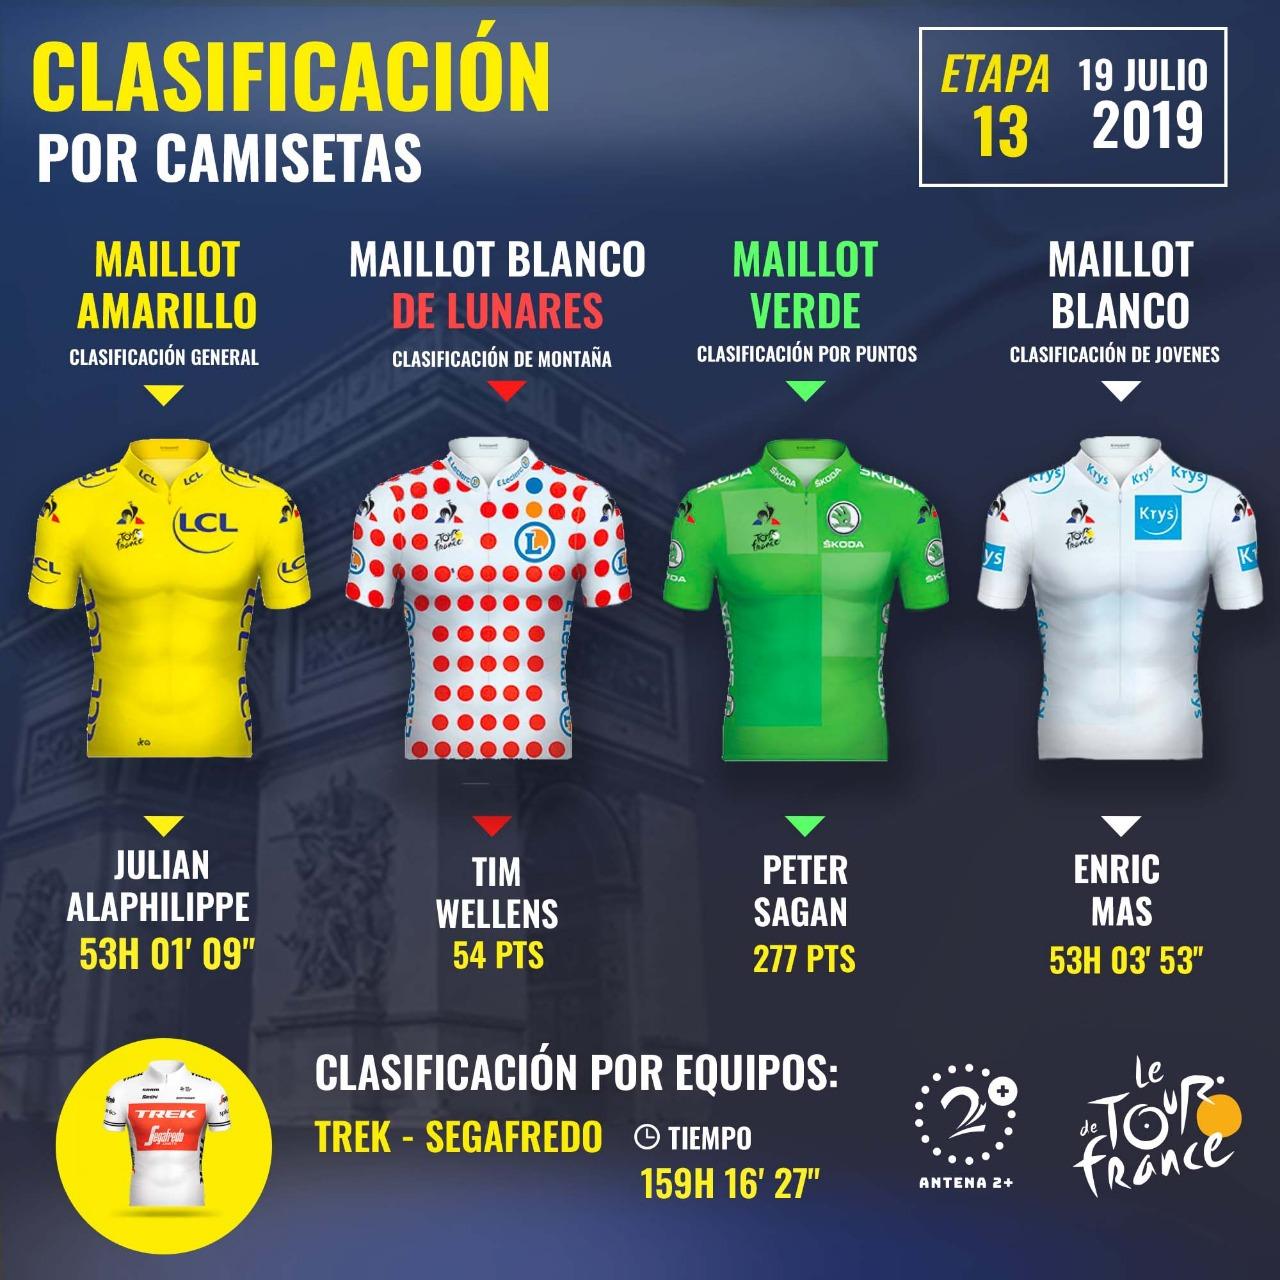 Tour de Francia 2019, etapa 13, Líderes